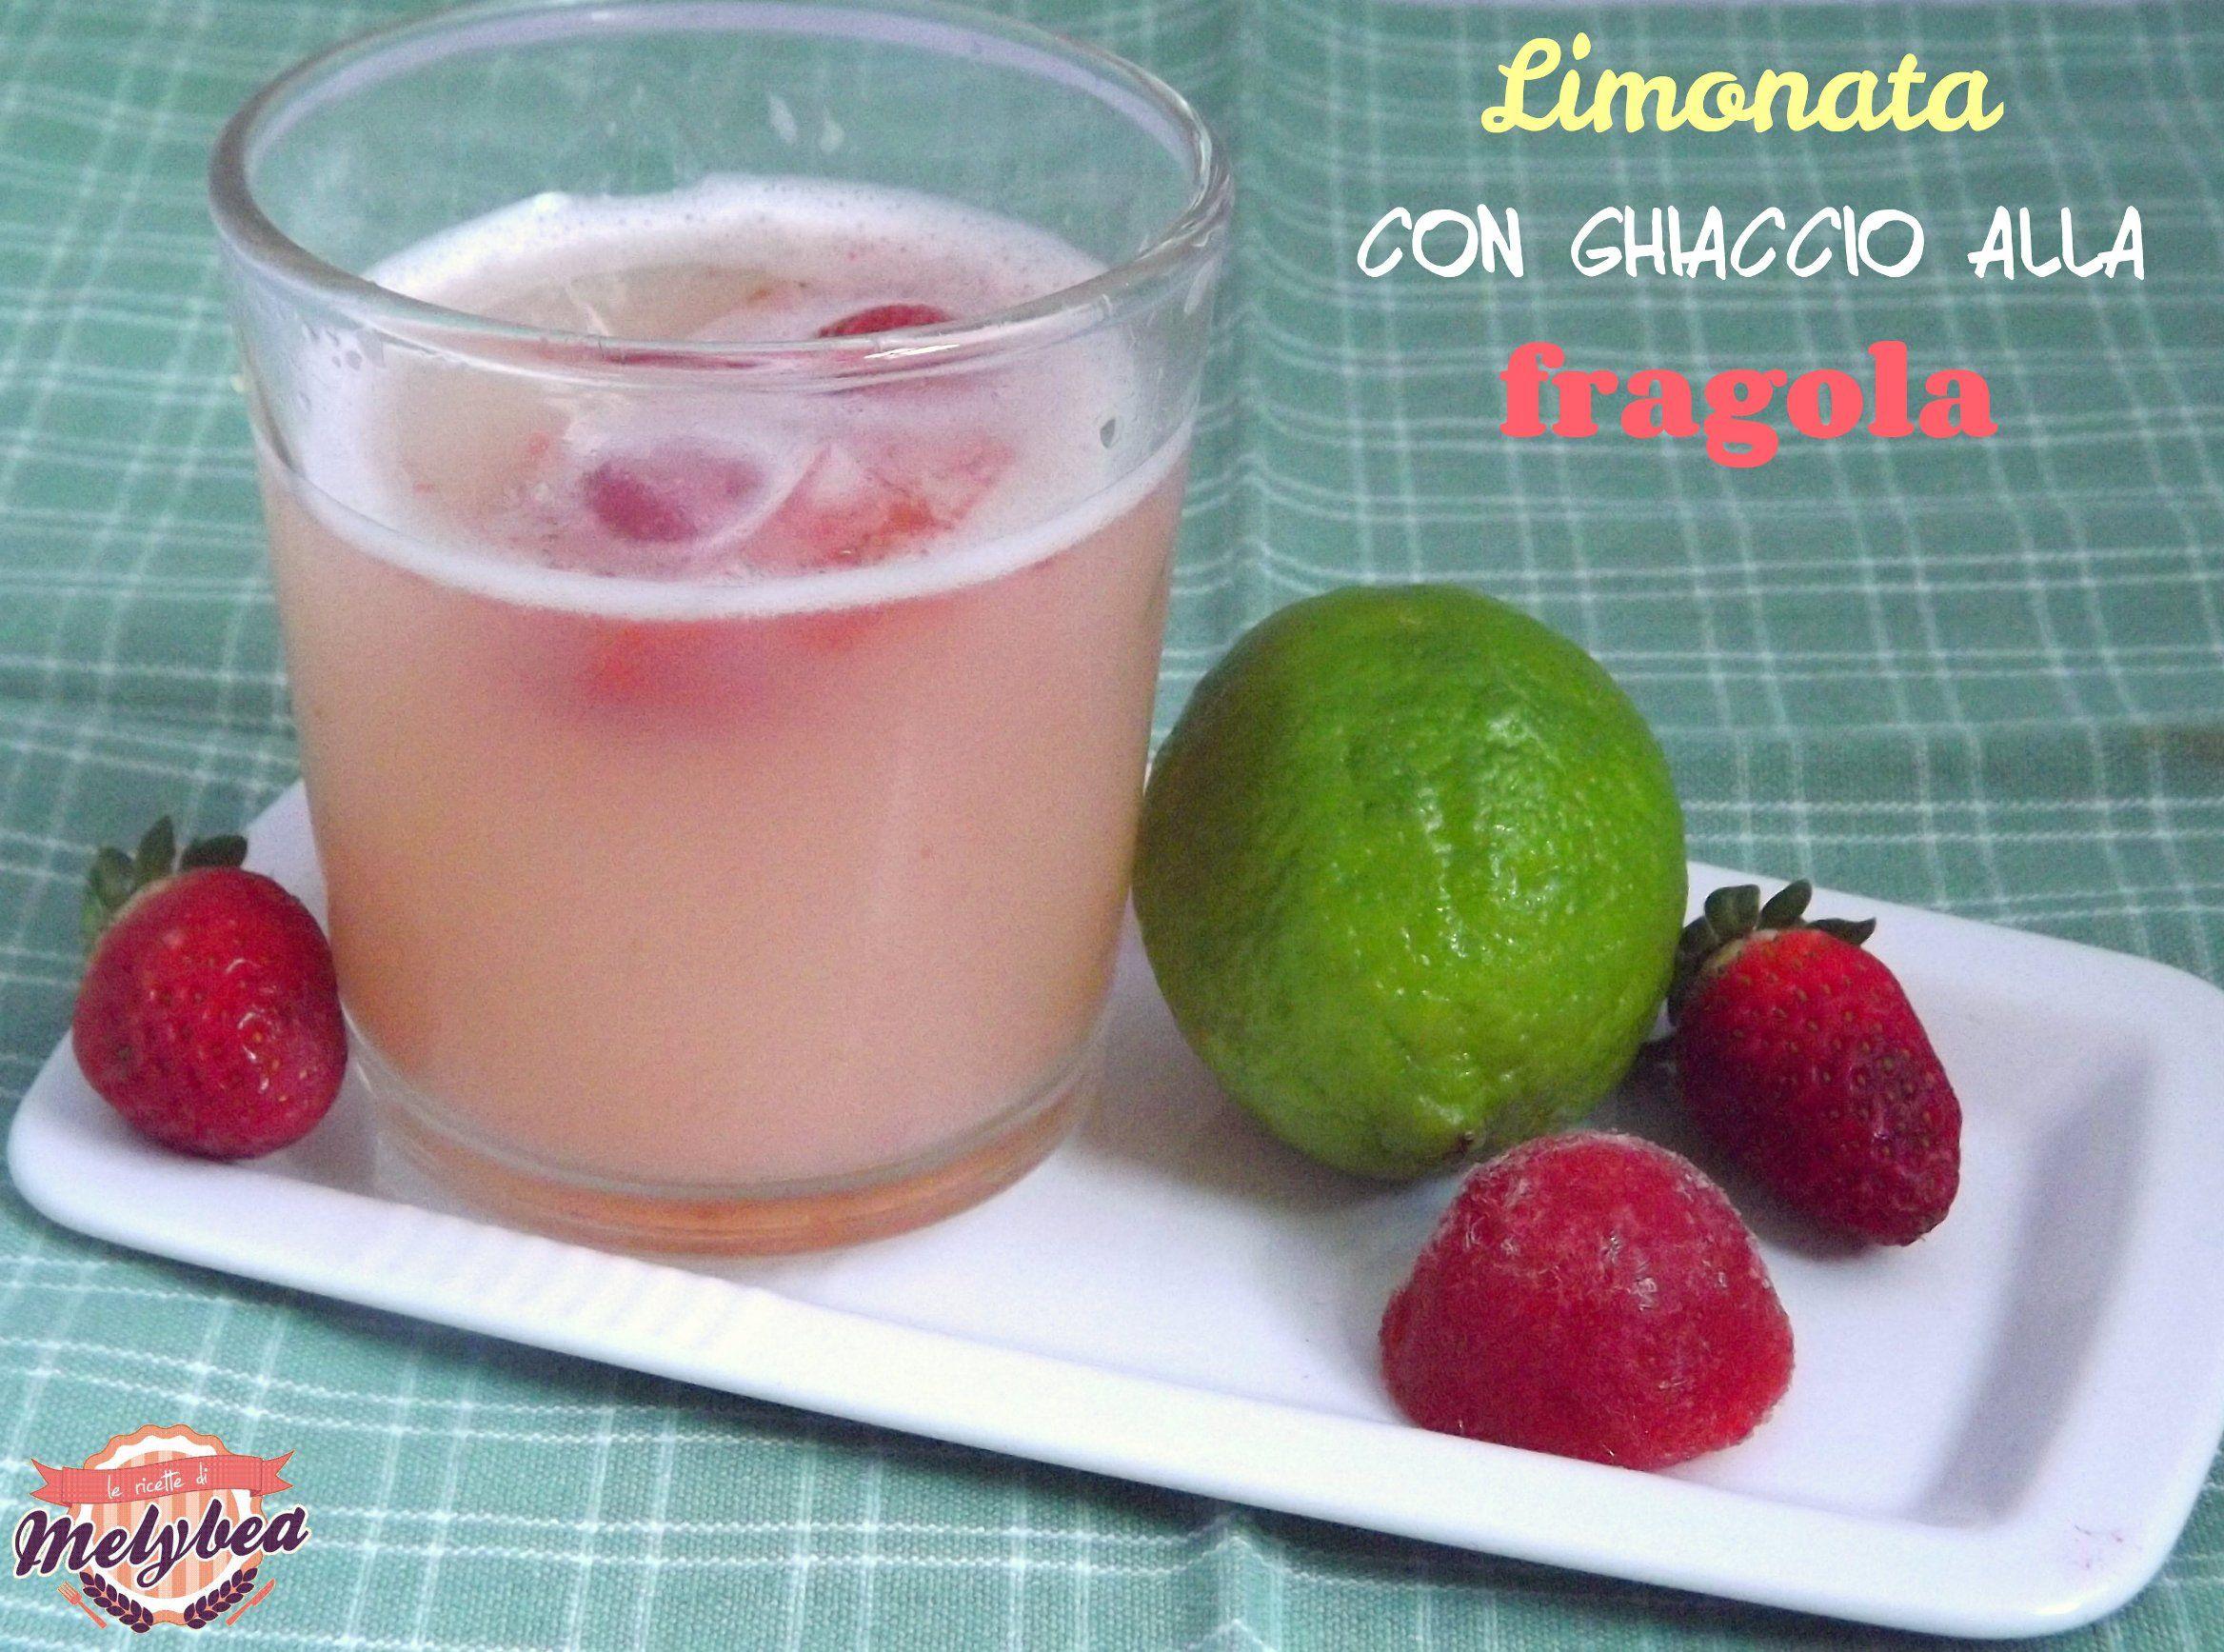 #Limonata con #ghiaccio alla #fragola